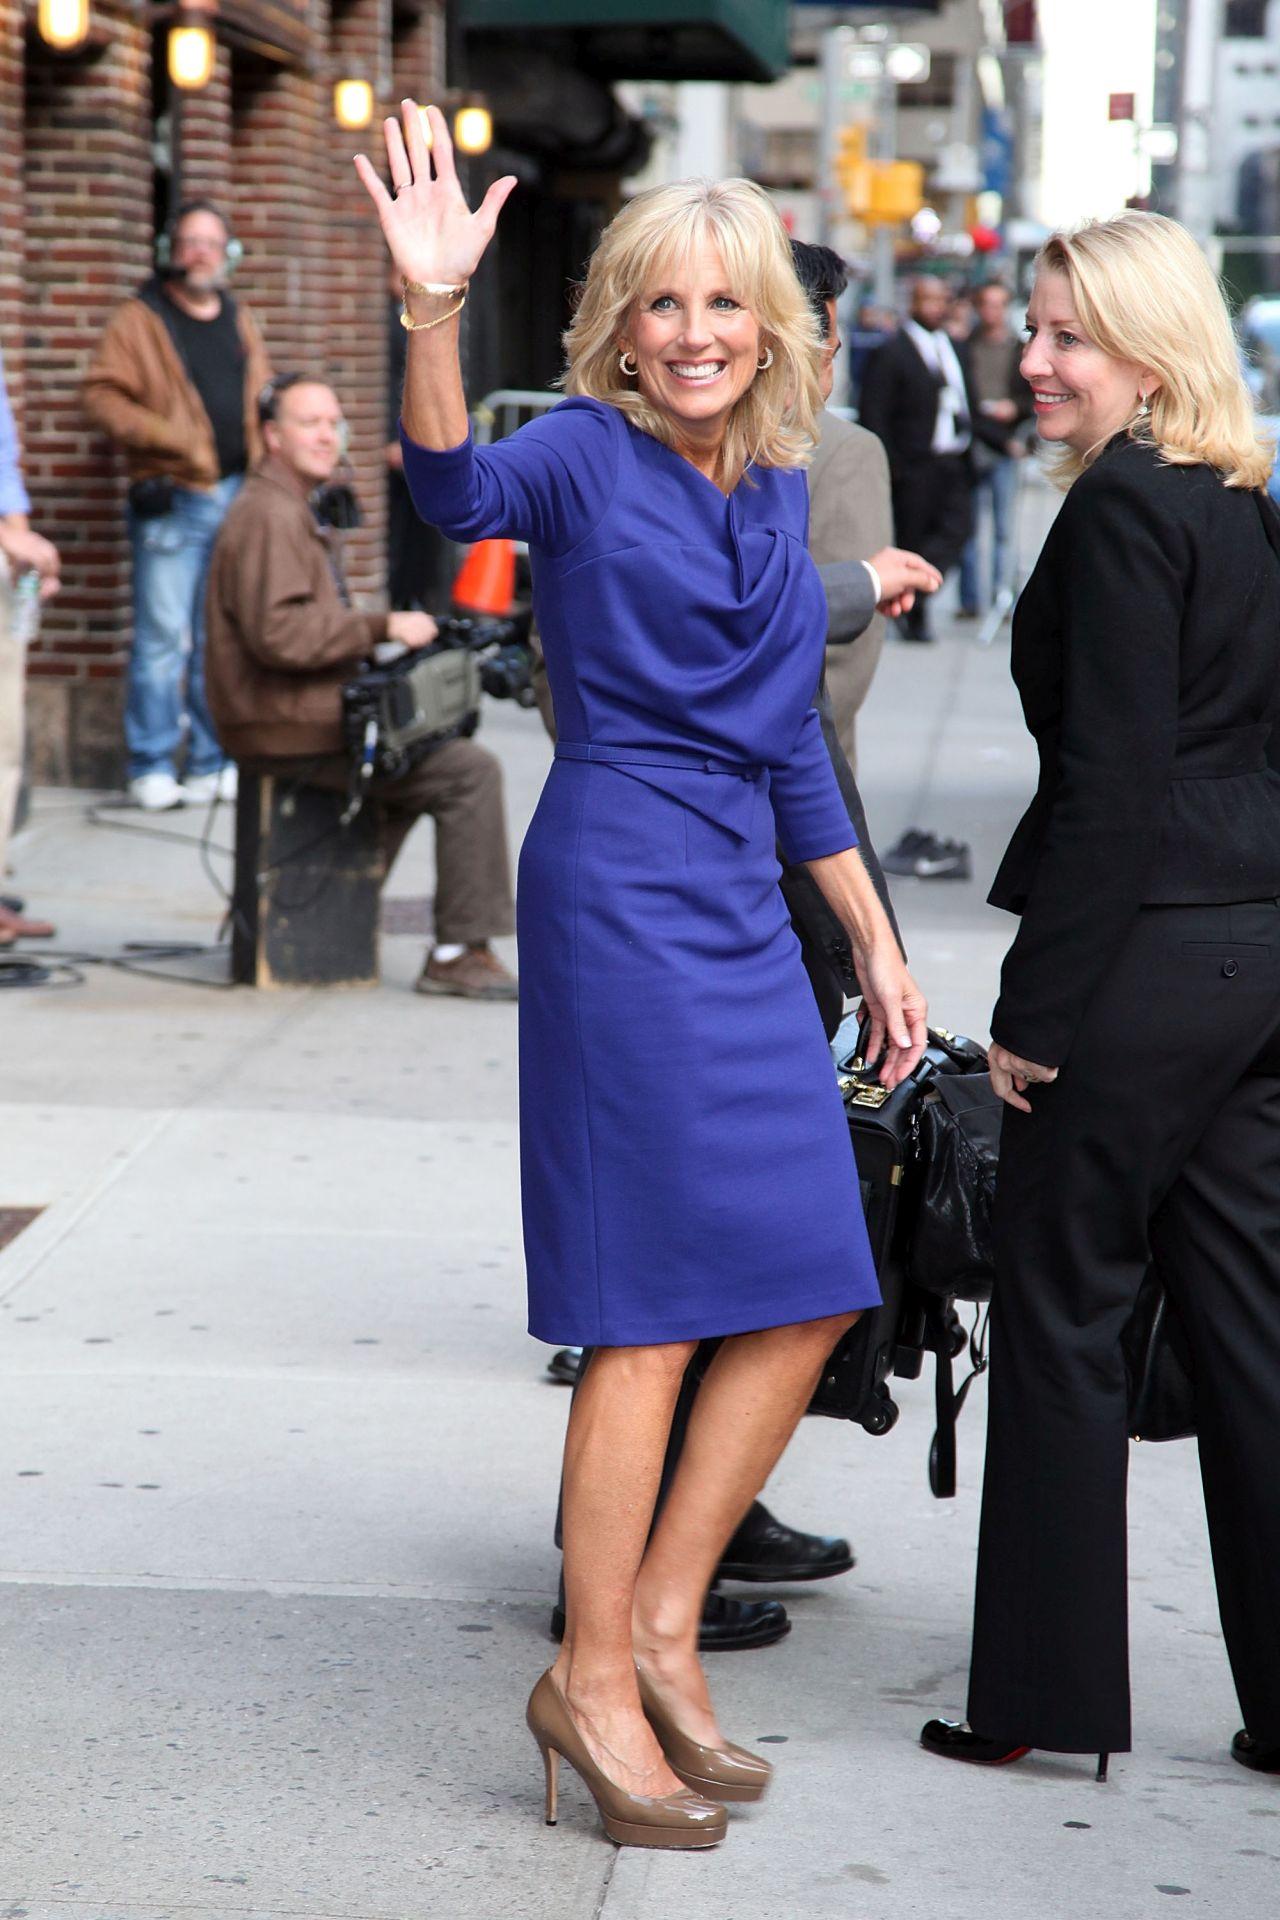 Dr. Jill Biden a David Letterman Show-ban viselte 2011-ben ezt a remek szabású, sötétkék ruhát.